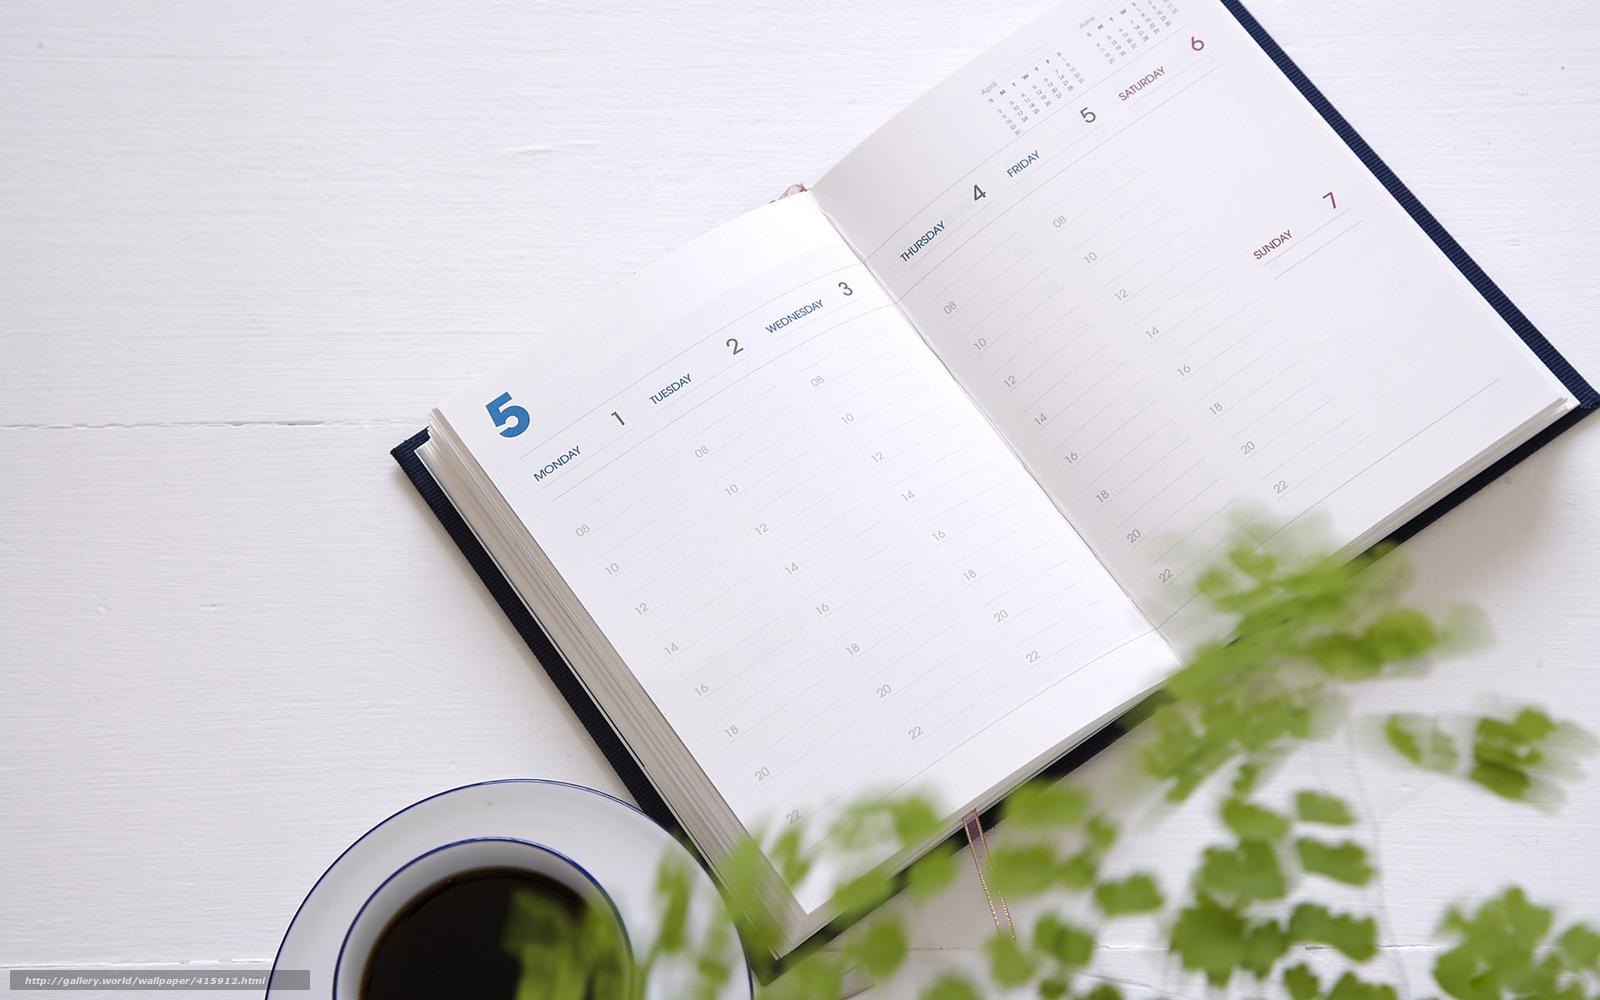 tlcharger fond d 39 ecran cahier journal tasse caf fonds d 39 ecran gratuits pour votre rsolution. Black Bedroom Furniture Sets. Home Design Ideas